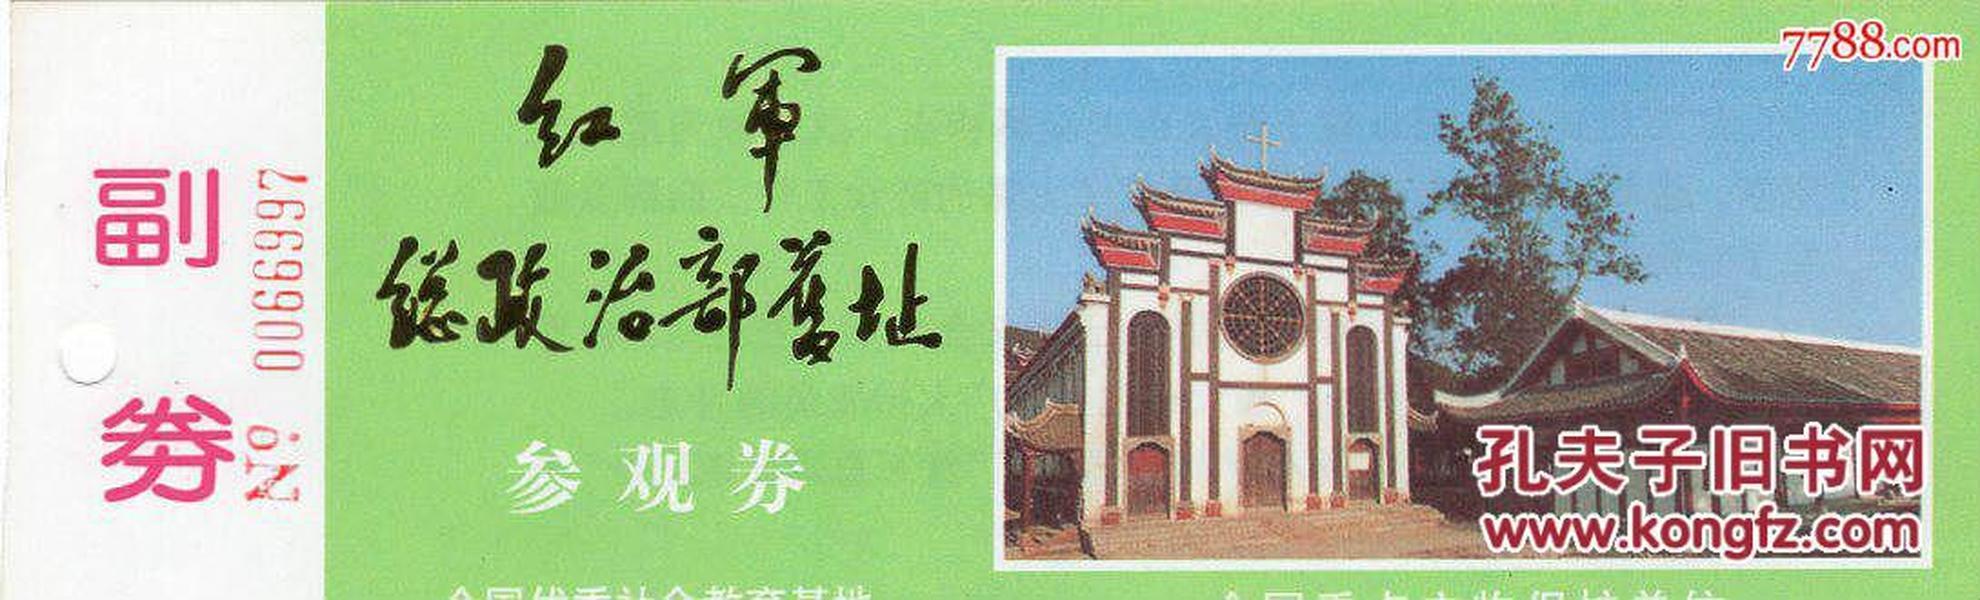 红色旅游门票系列之六十五《红军总政治部旧址》